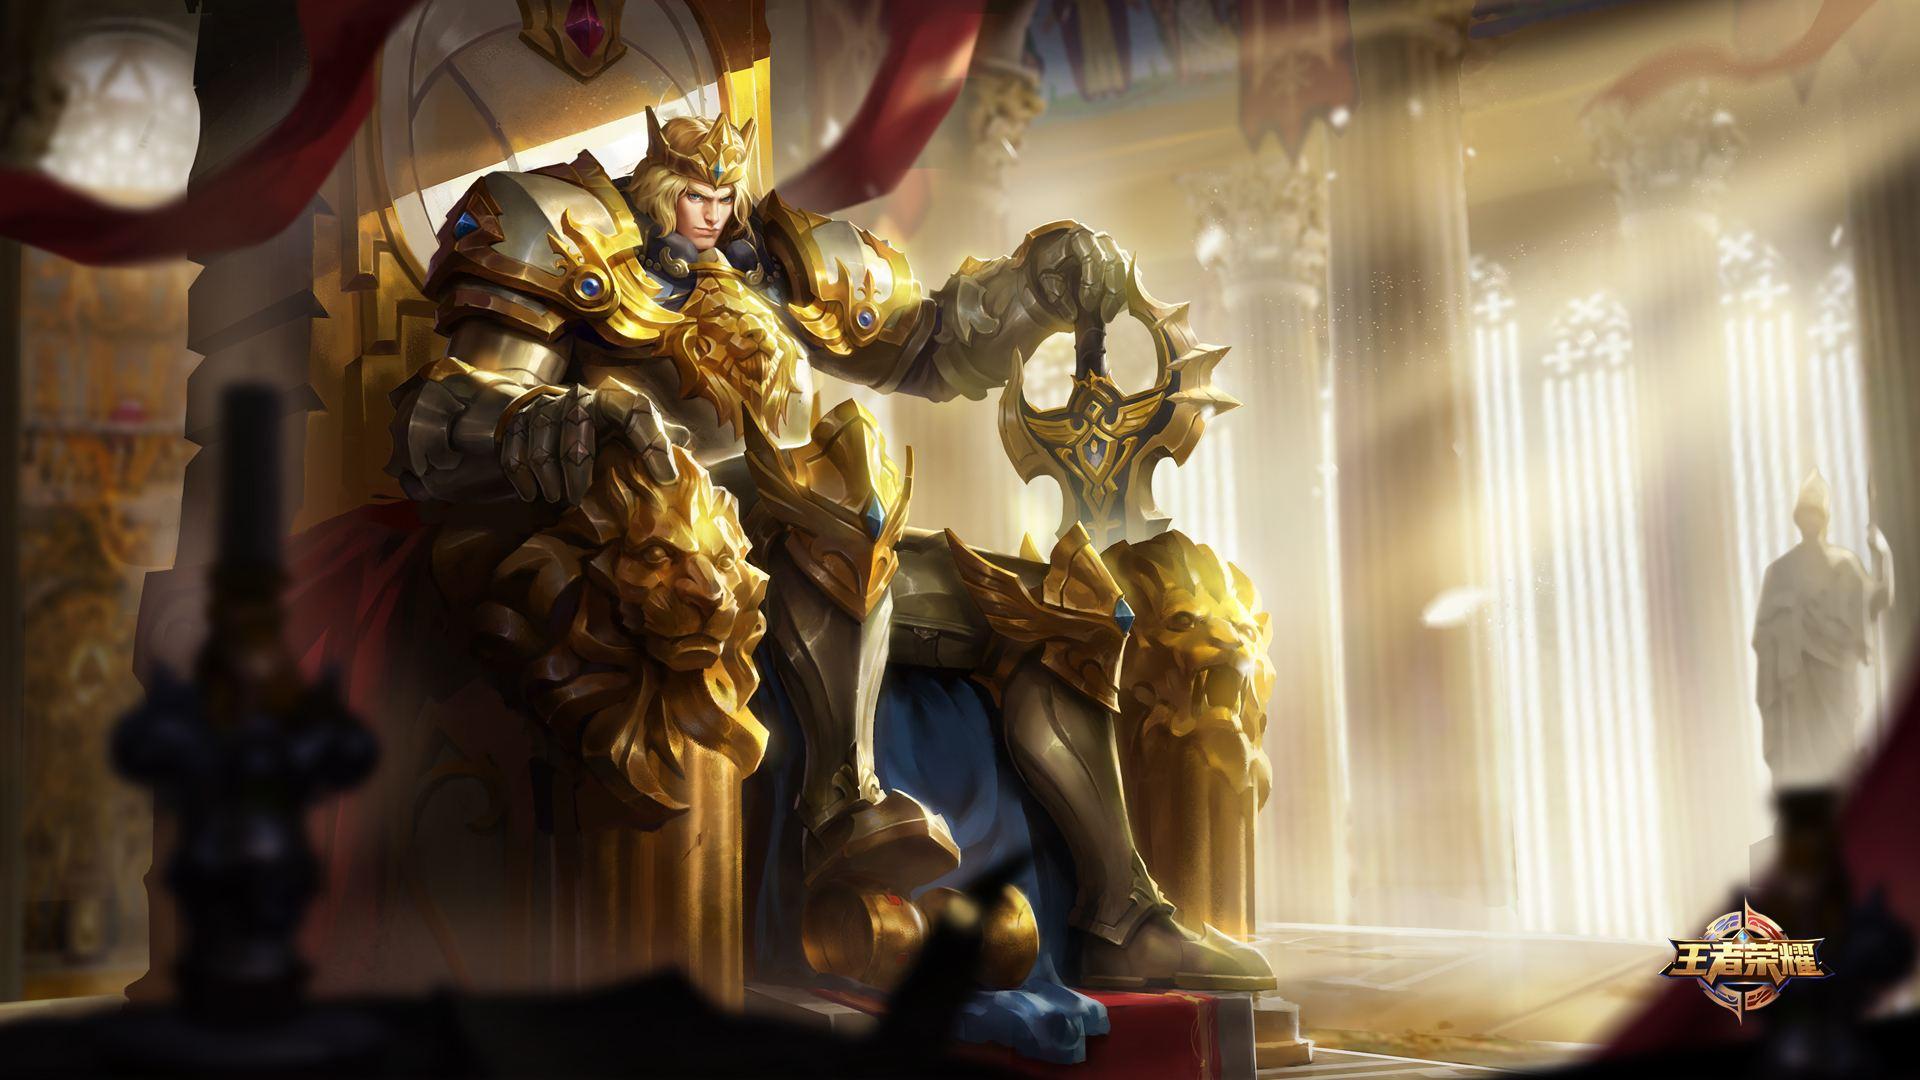 王者荣耀觉醒之战亚瑟玩法攻略